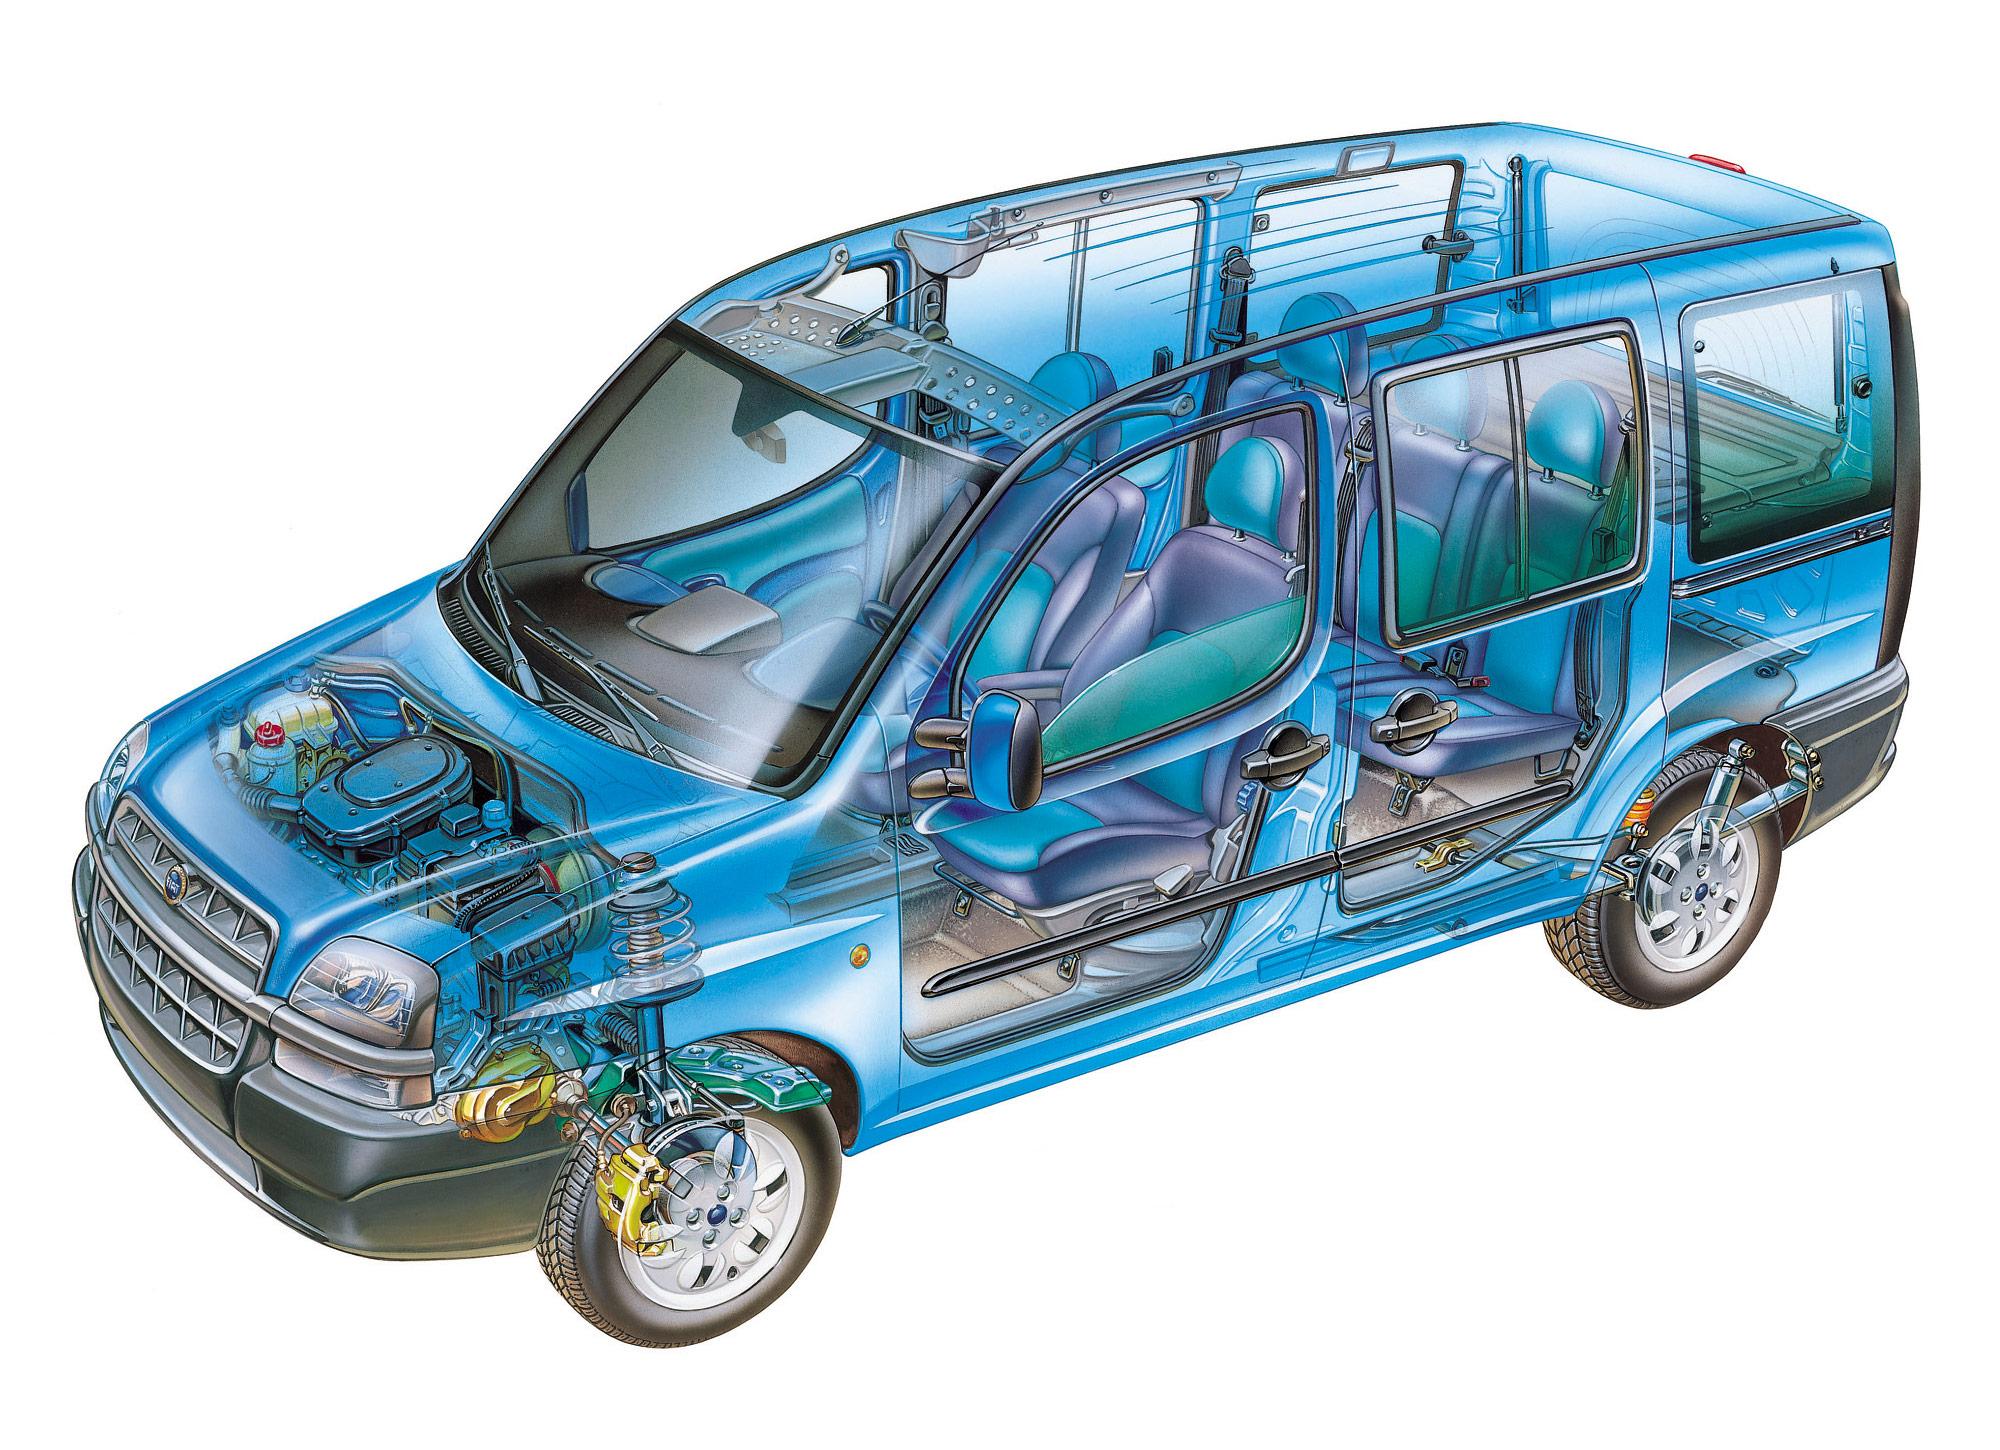 Fiat Doblò 2000 cutaway drawing